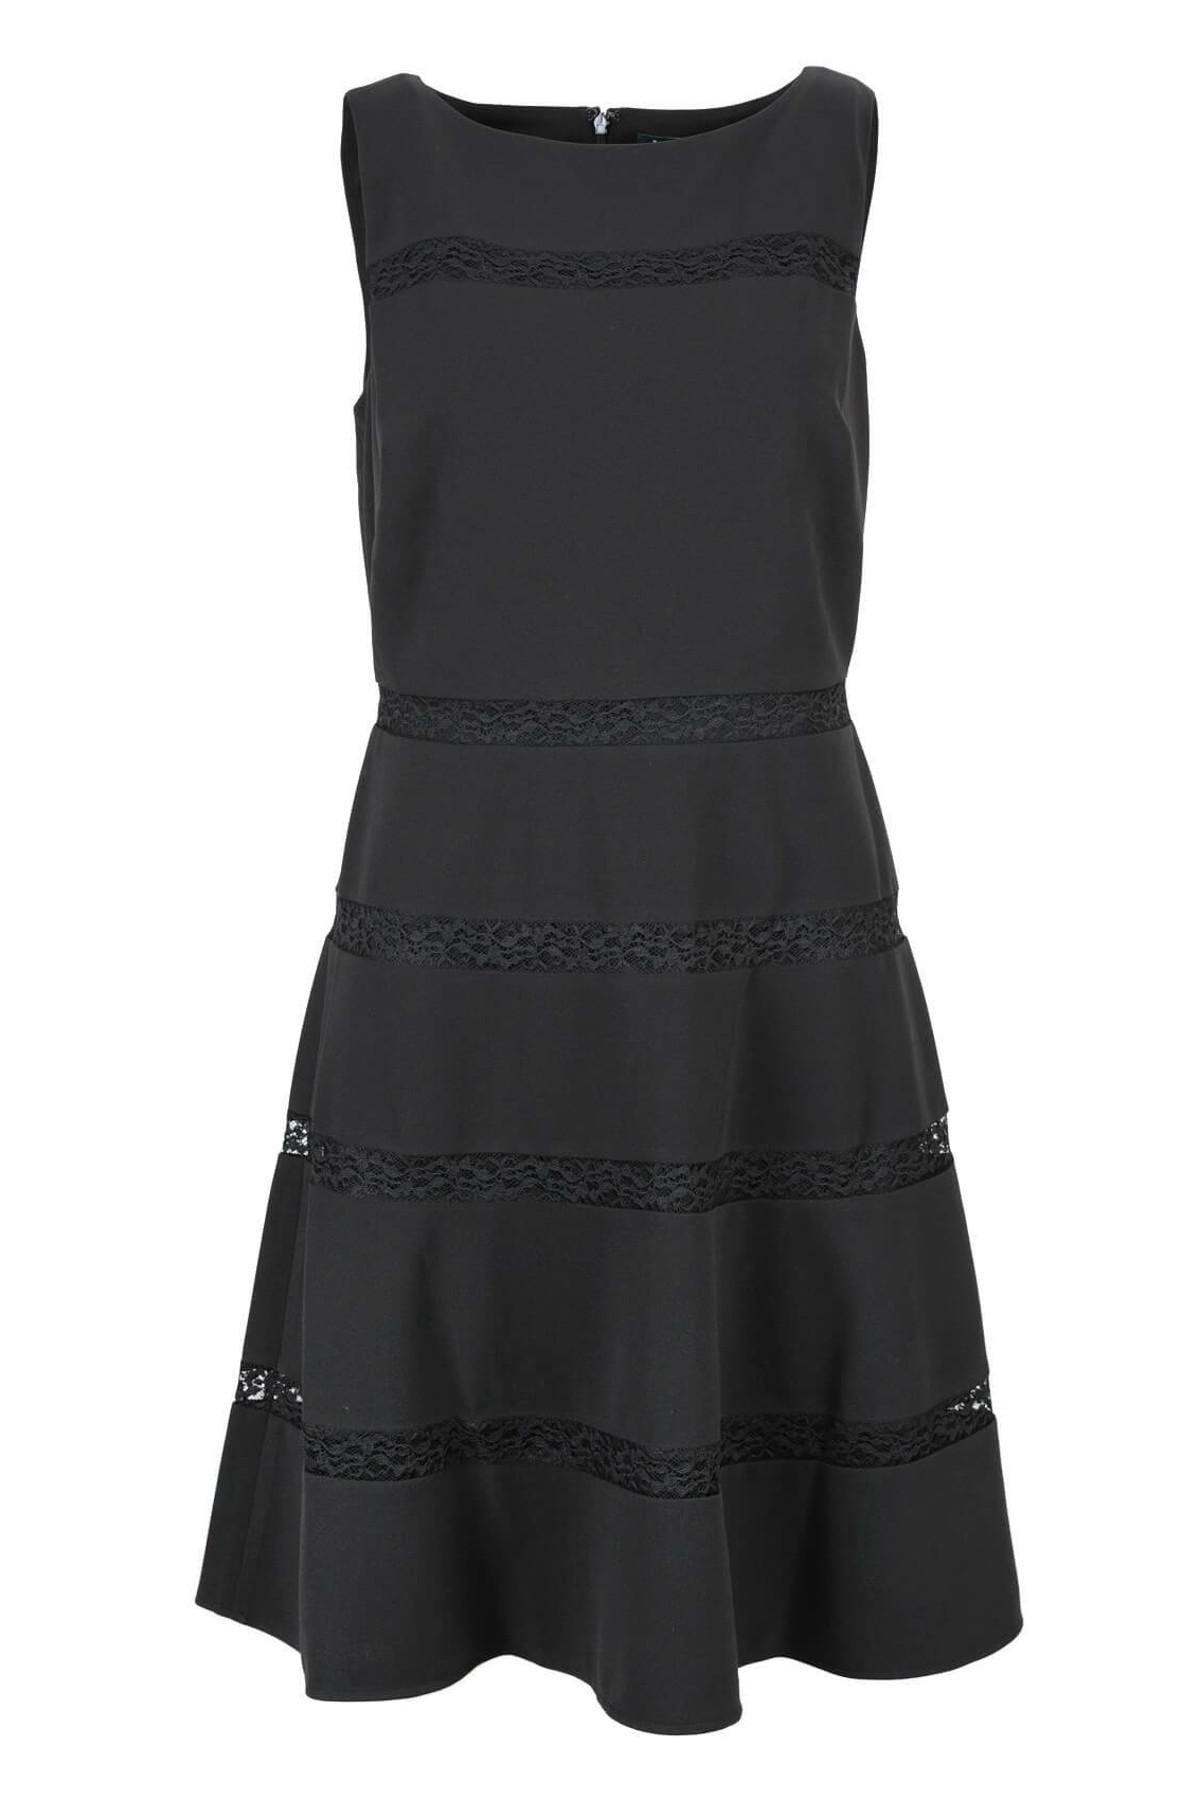 Polo Ralph Lauren Kadın Siyah Elbise 1086785 1